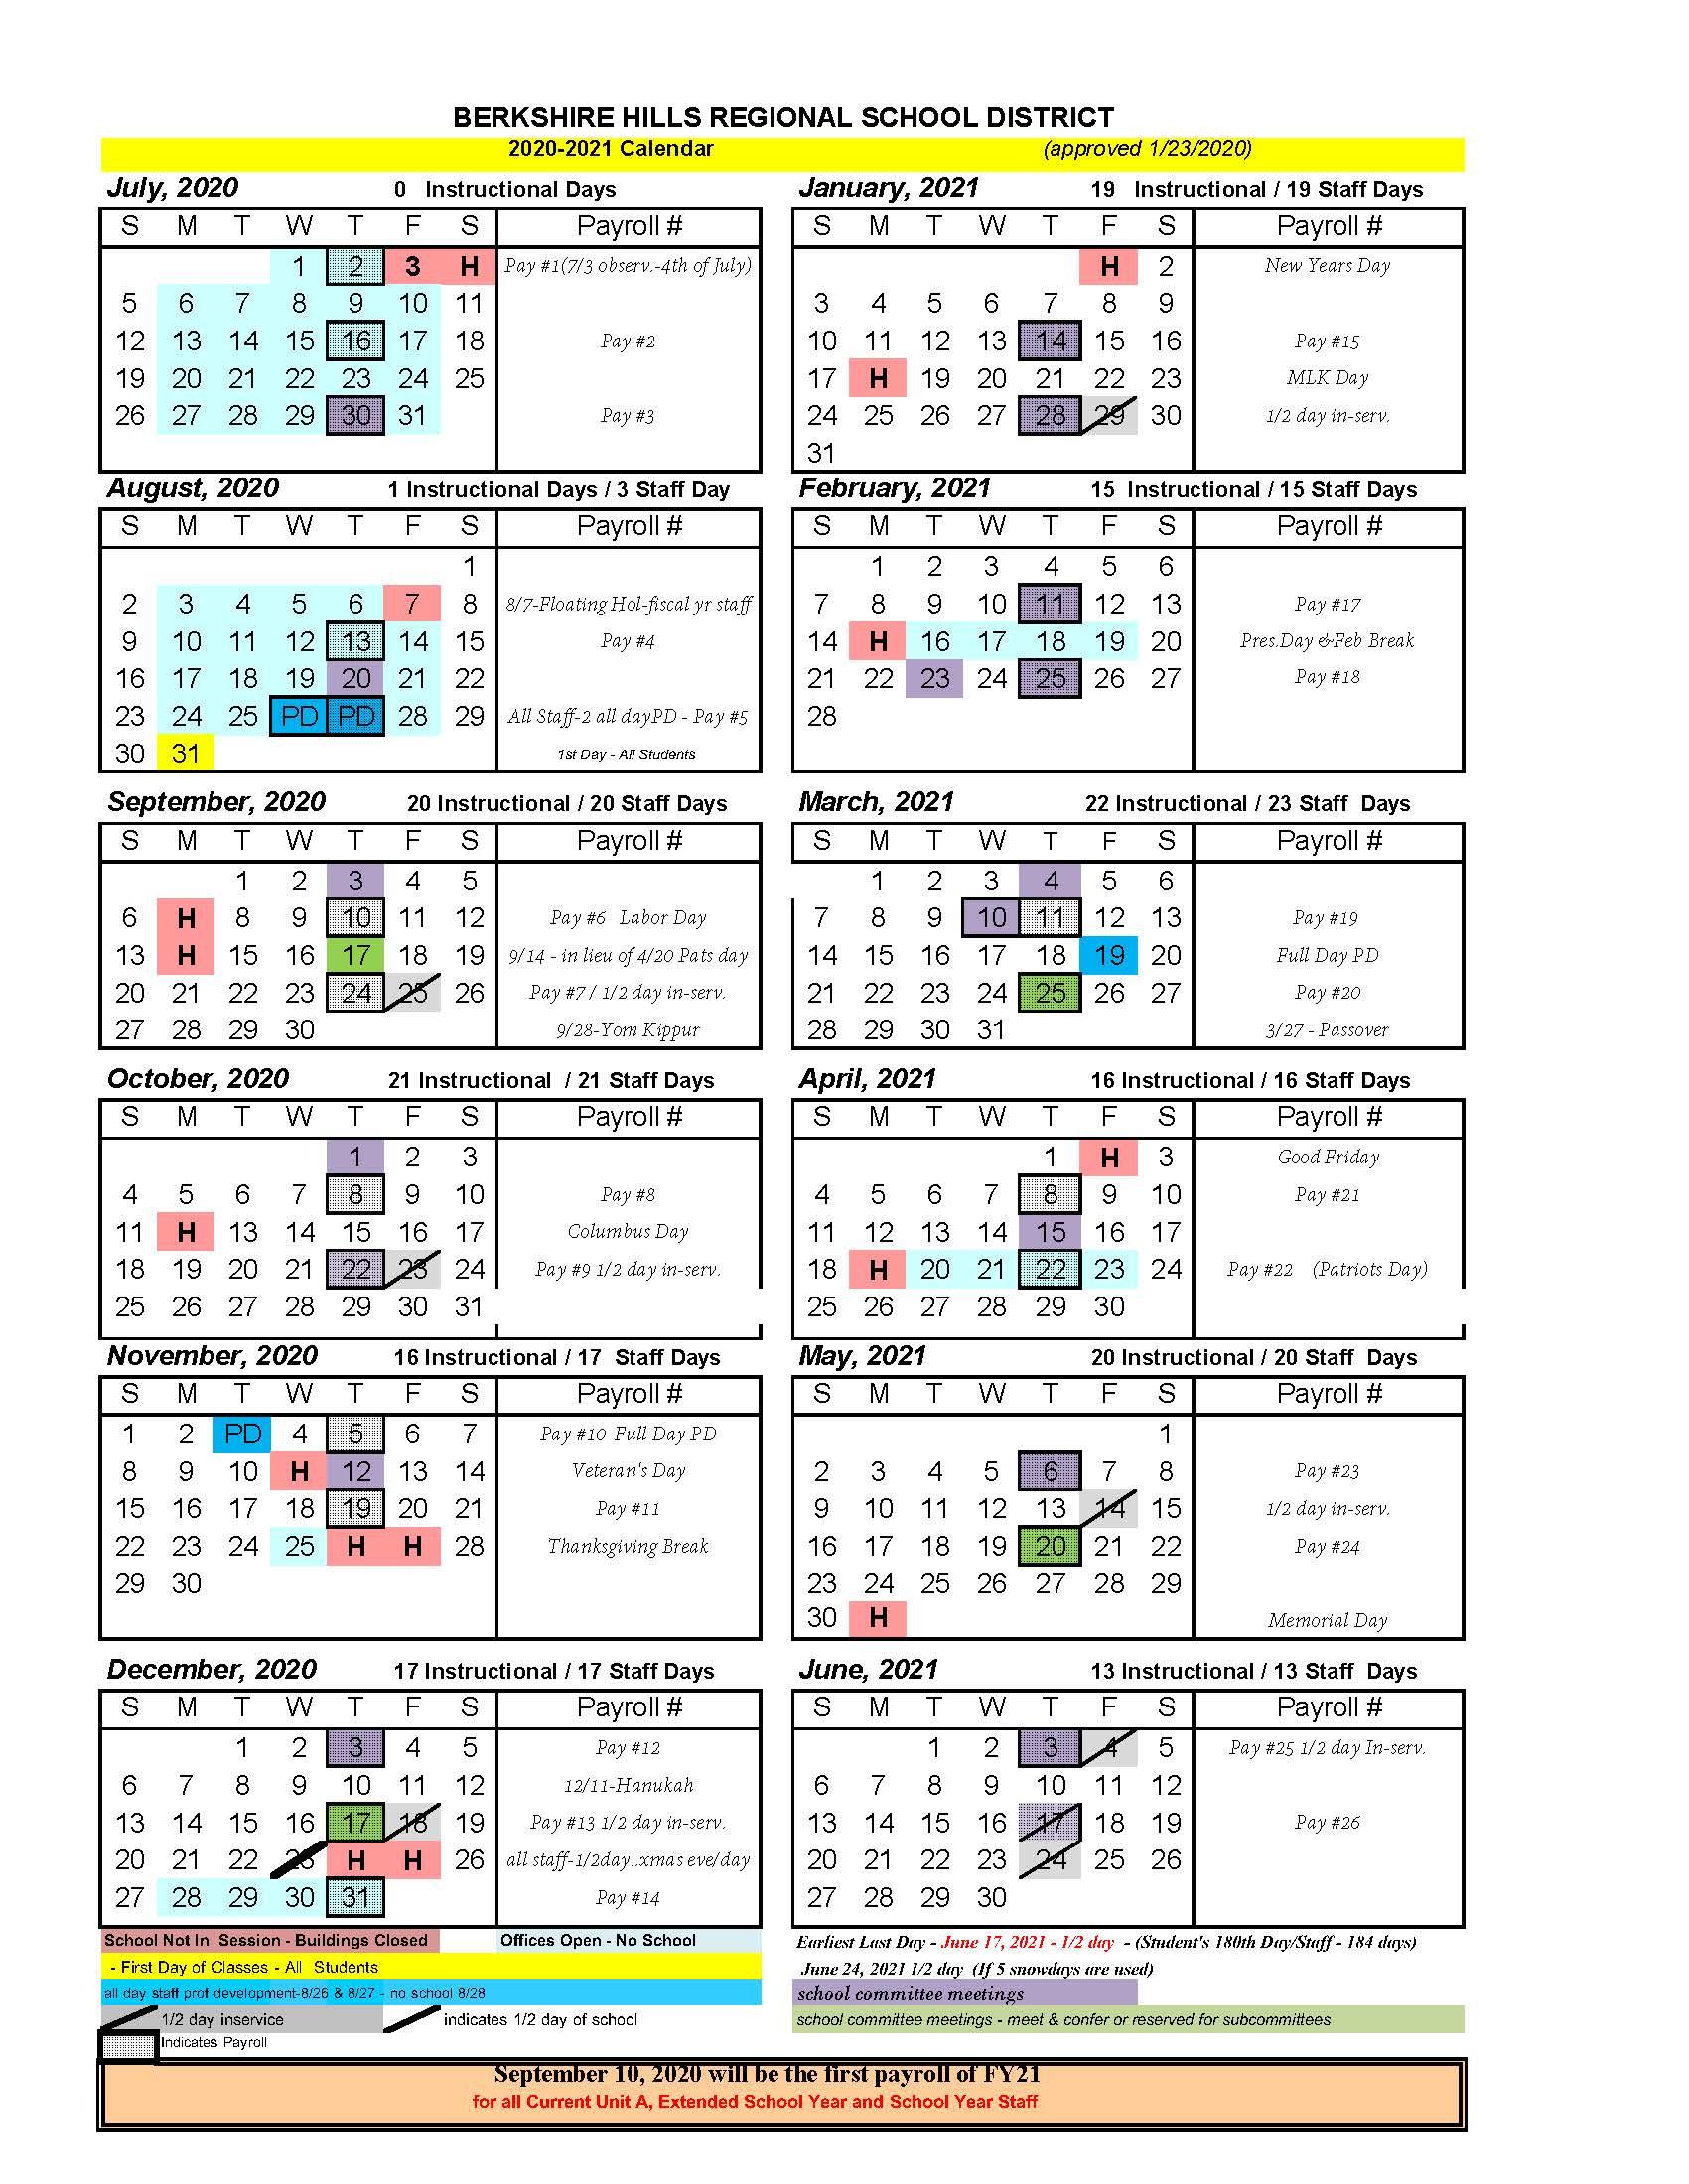 2020-2021 BHRSD School Calendar